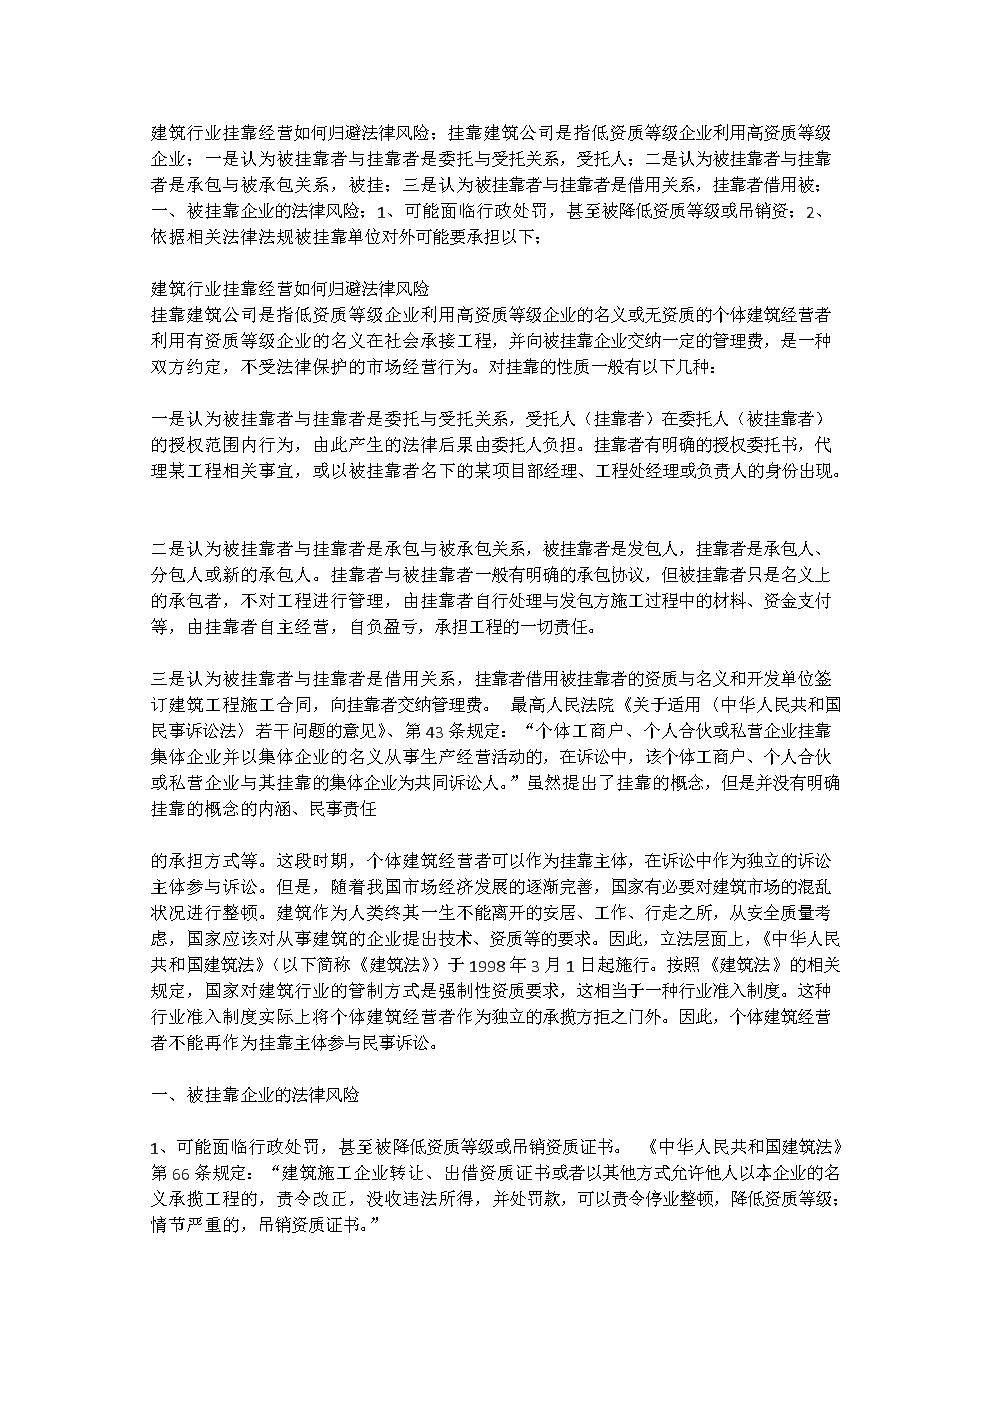 建筑行业挂靠经营如何归避法律风险.doc